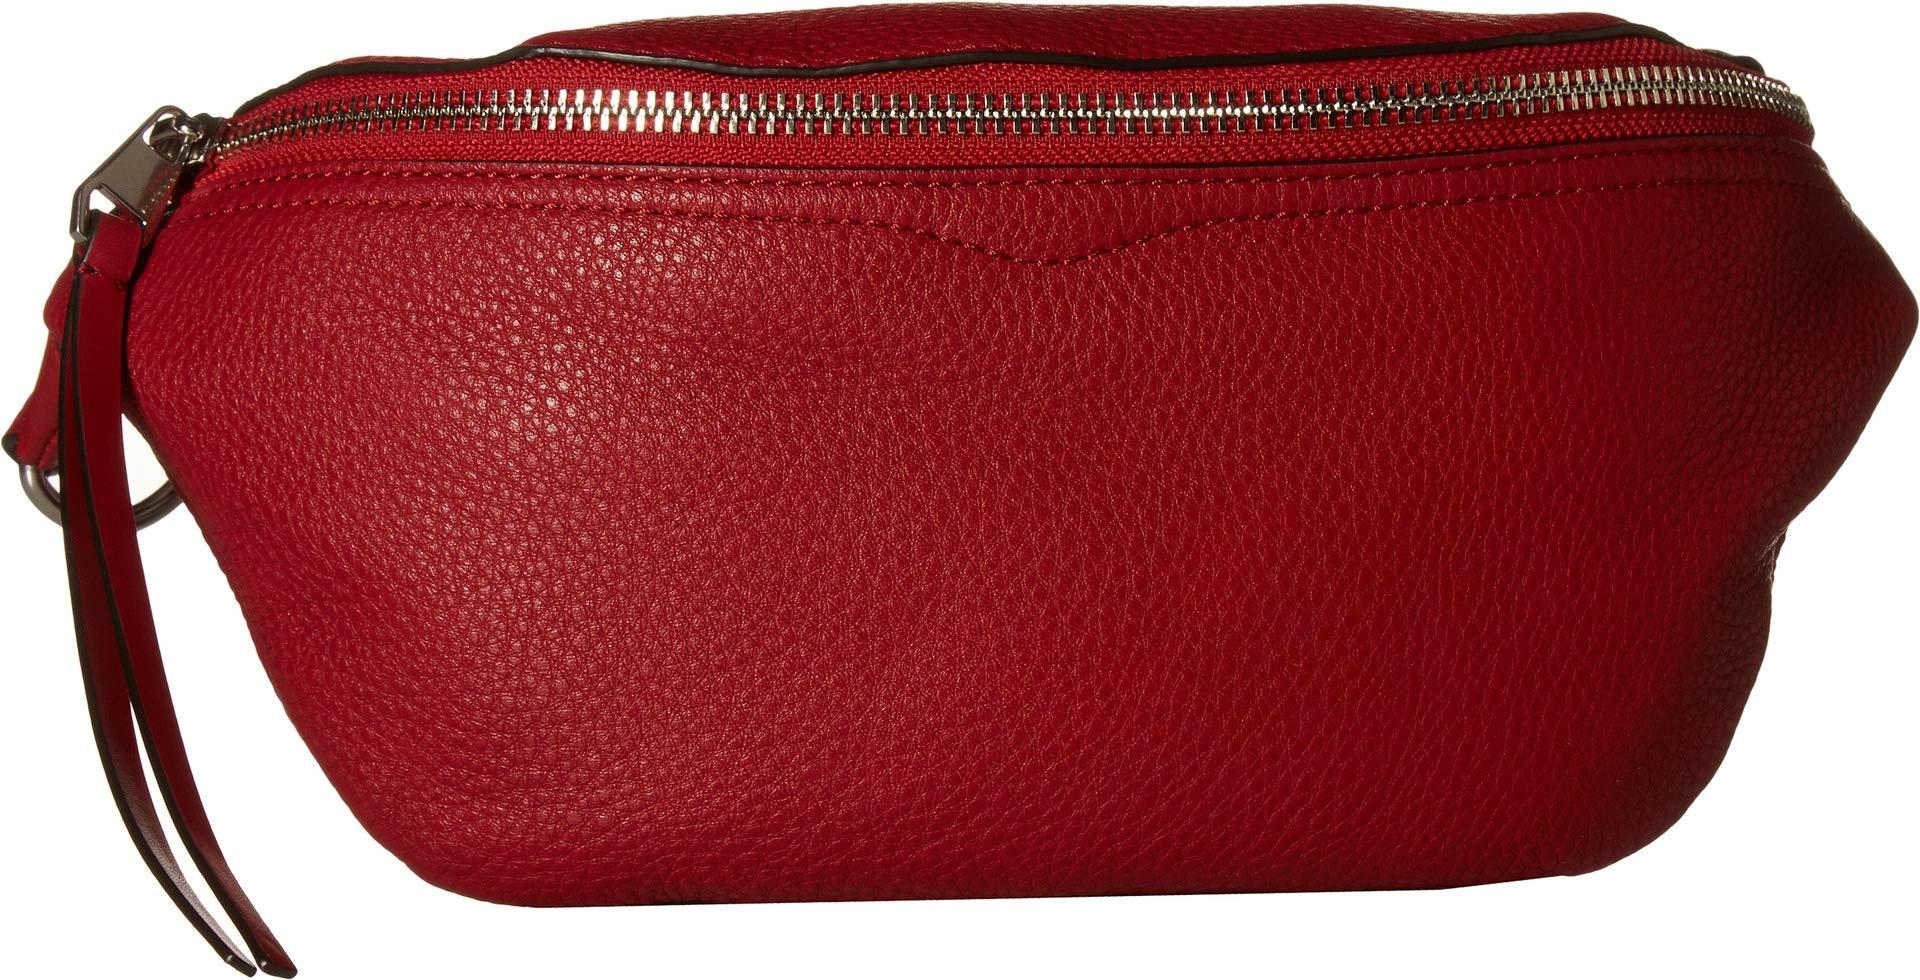 Rebecca Minkoff Women's Bree Belt Bag, Scarlet, Red, One Size